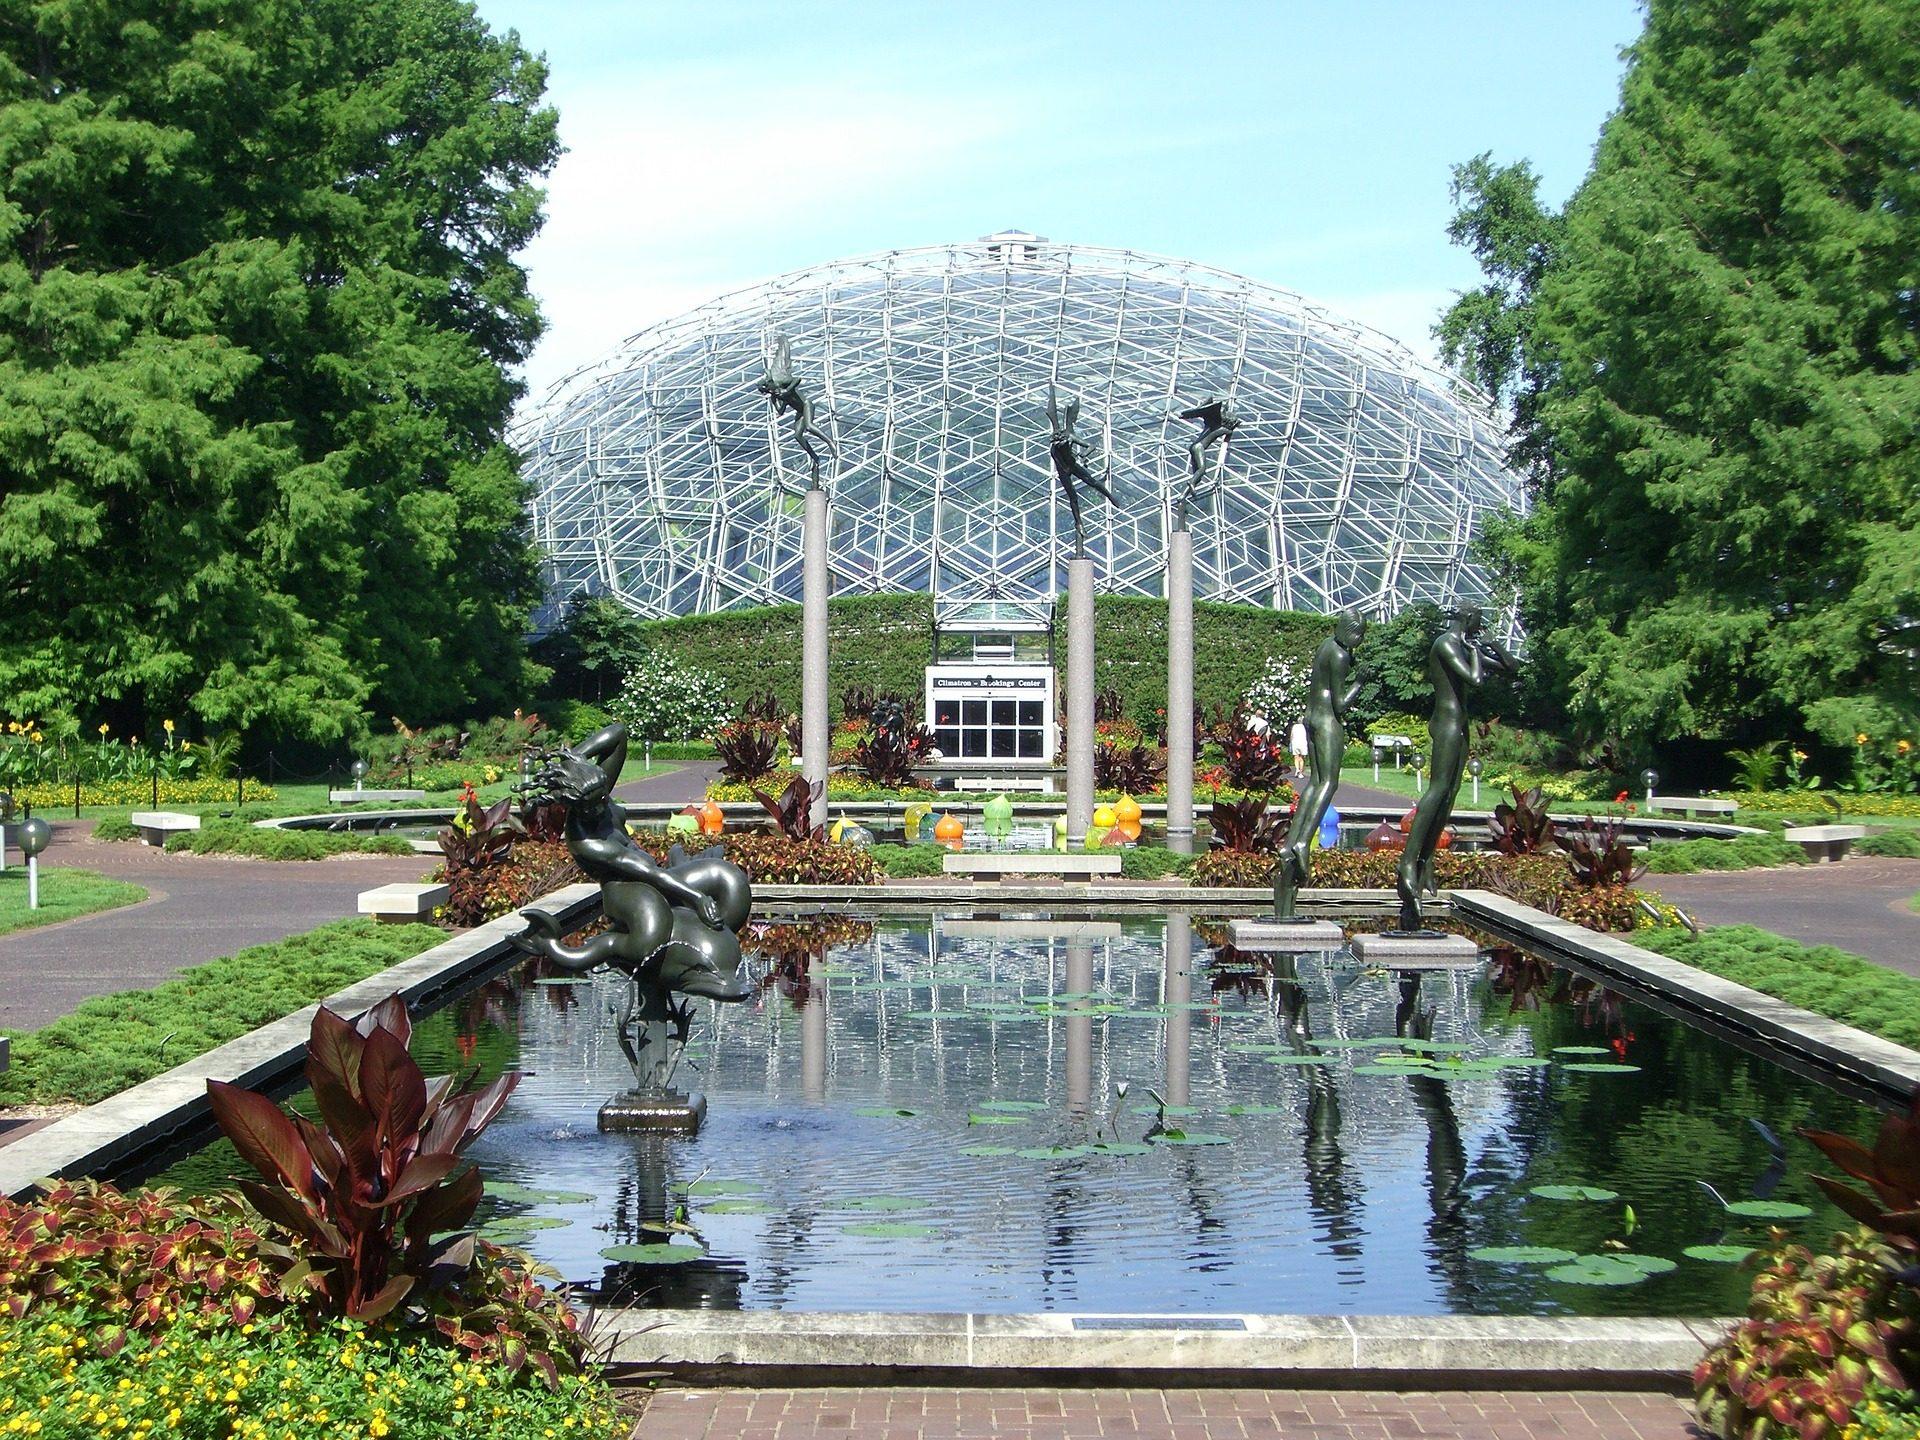 Giardini, costruzione, Cupola, fonte, sculture, St. louis, Missouri - Sfondi HD - Professor-falken.com